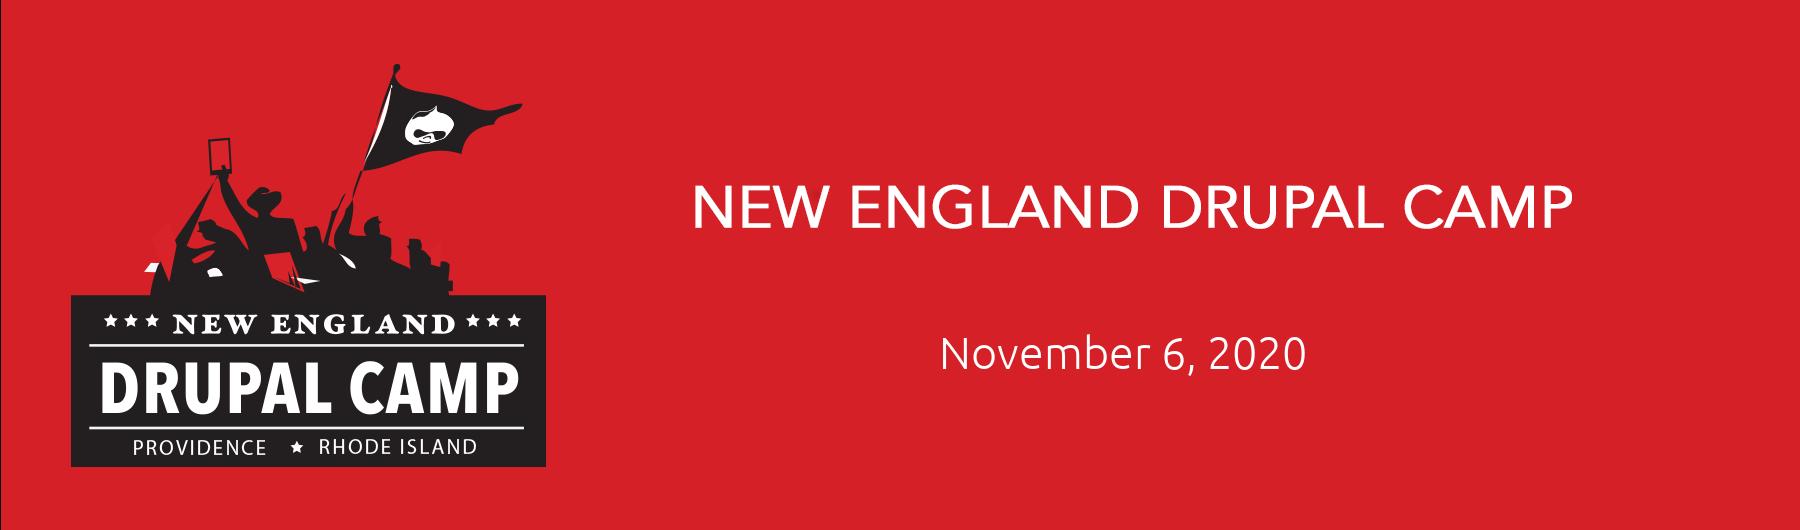 New England Drupal Camp 2020 Sponsorship